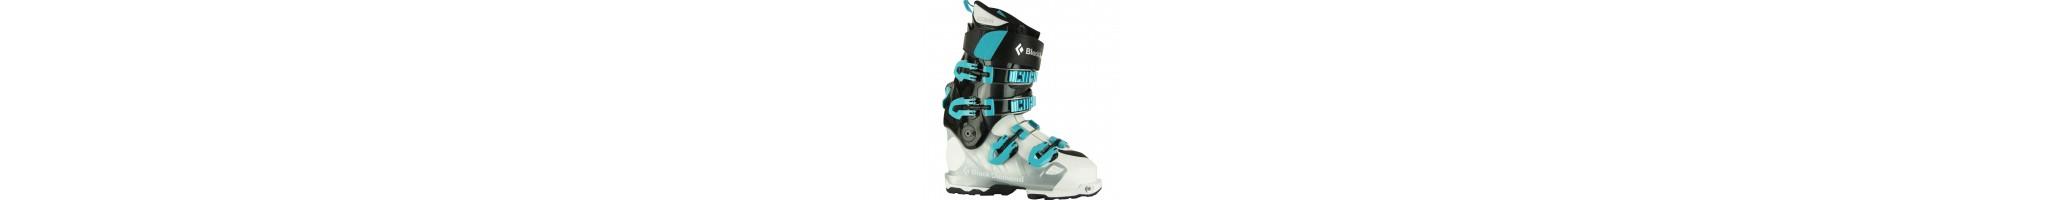 Boots snowboard homme occasion, Chaussures snowboard jusqu'à -70% sur LaBourseAuxSkis